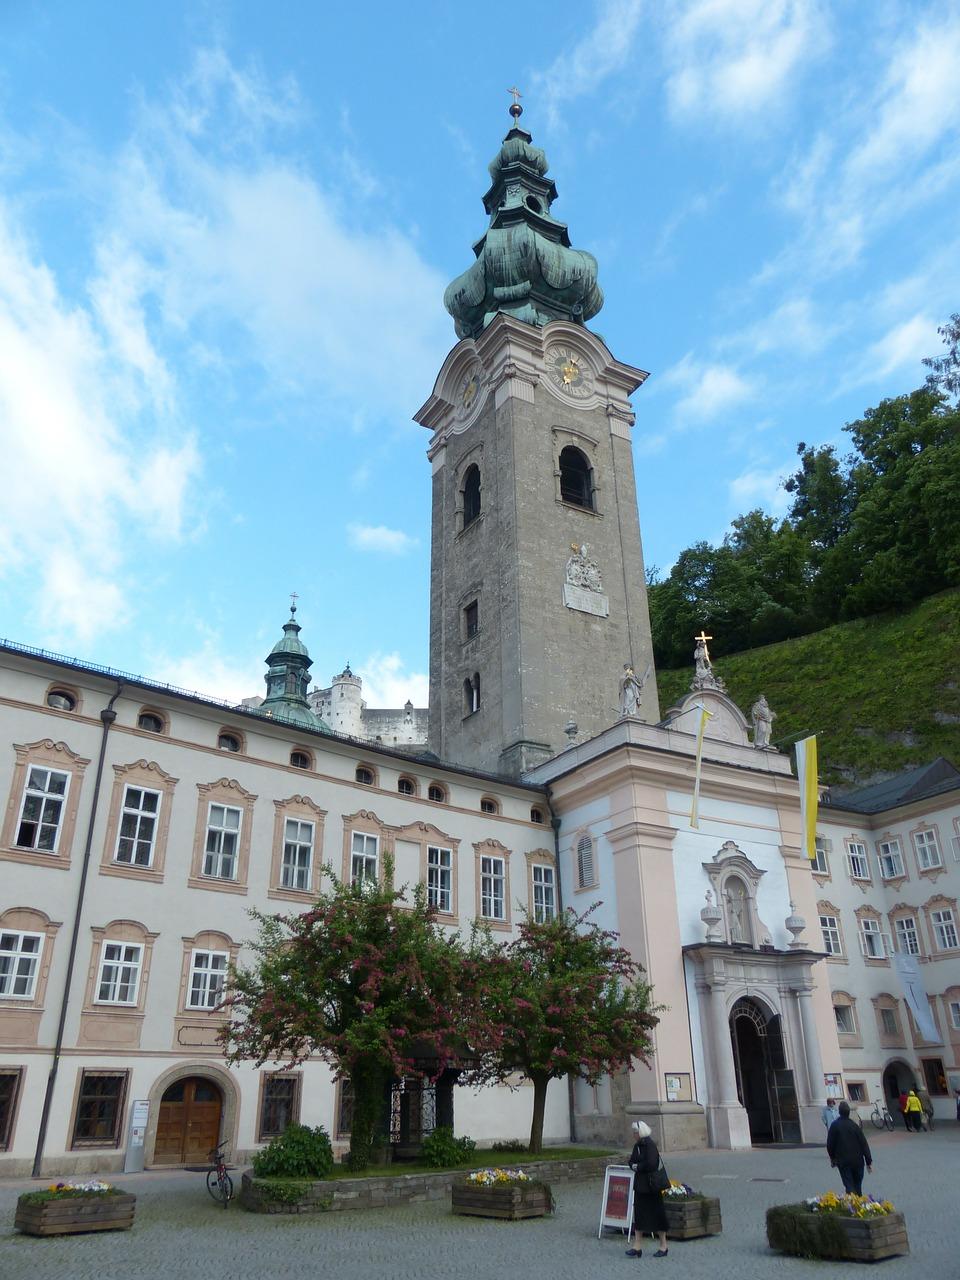 4collegiate-church-122751_1280